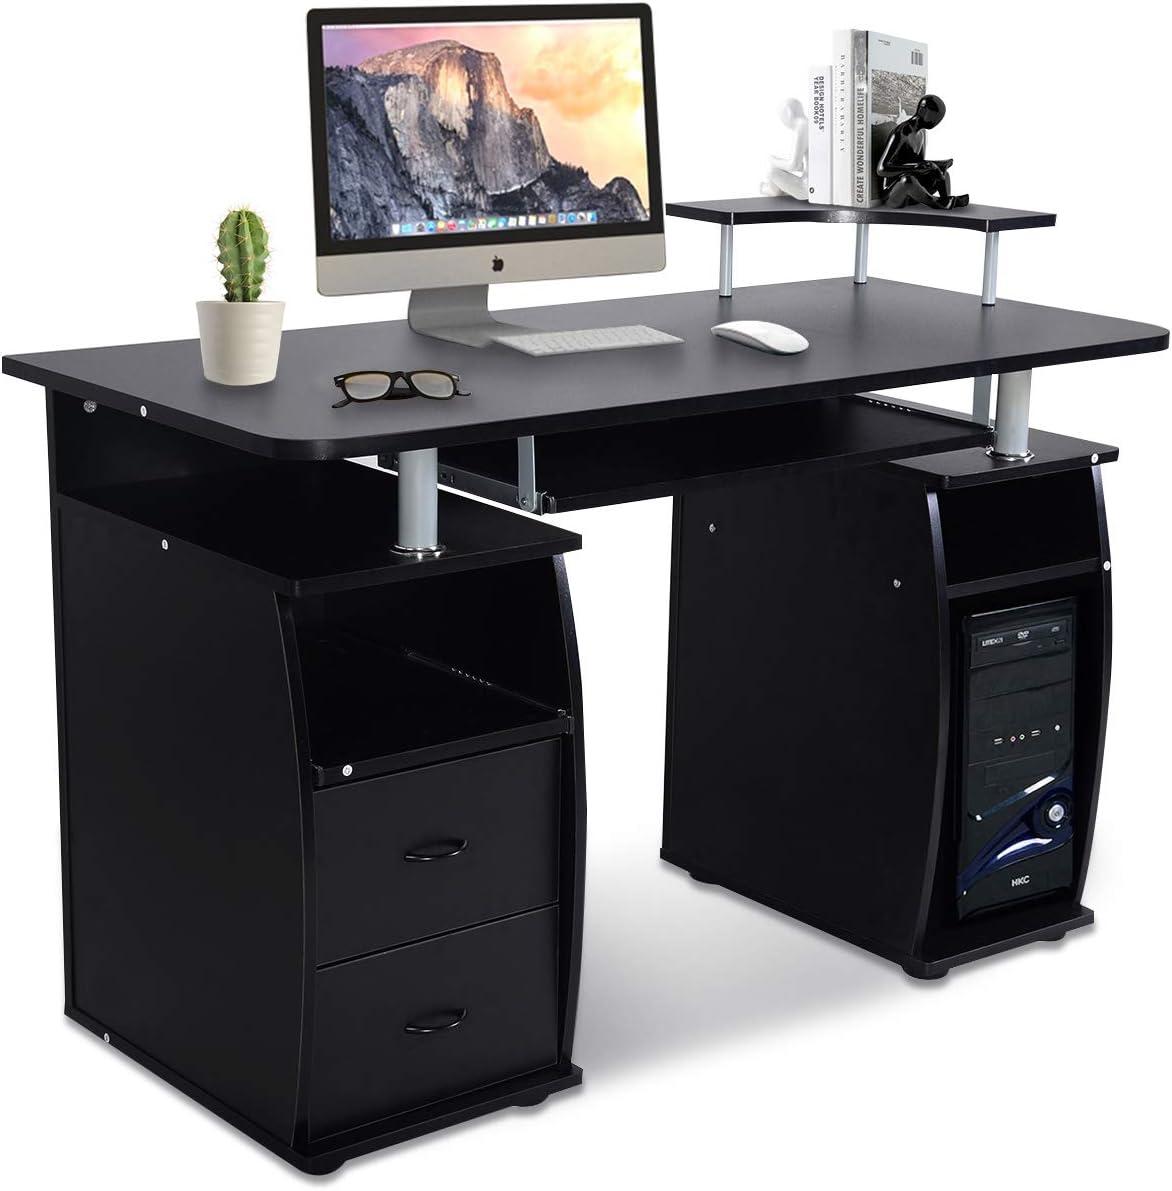 Goplus Scrivania Porta Computer per Ufficcio con 2 cassetti Vassoio Tastiera e Vassoio per Fax120x85x55 cm Marrone